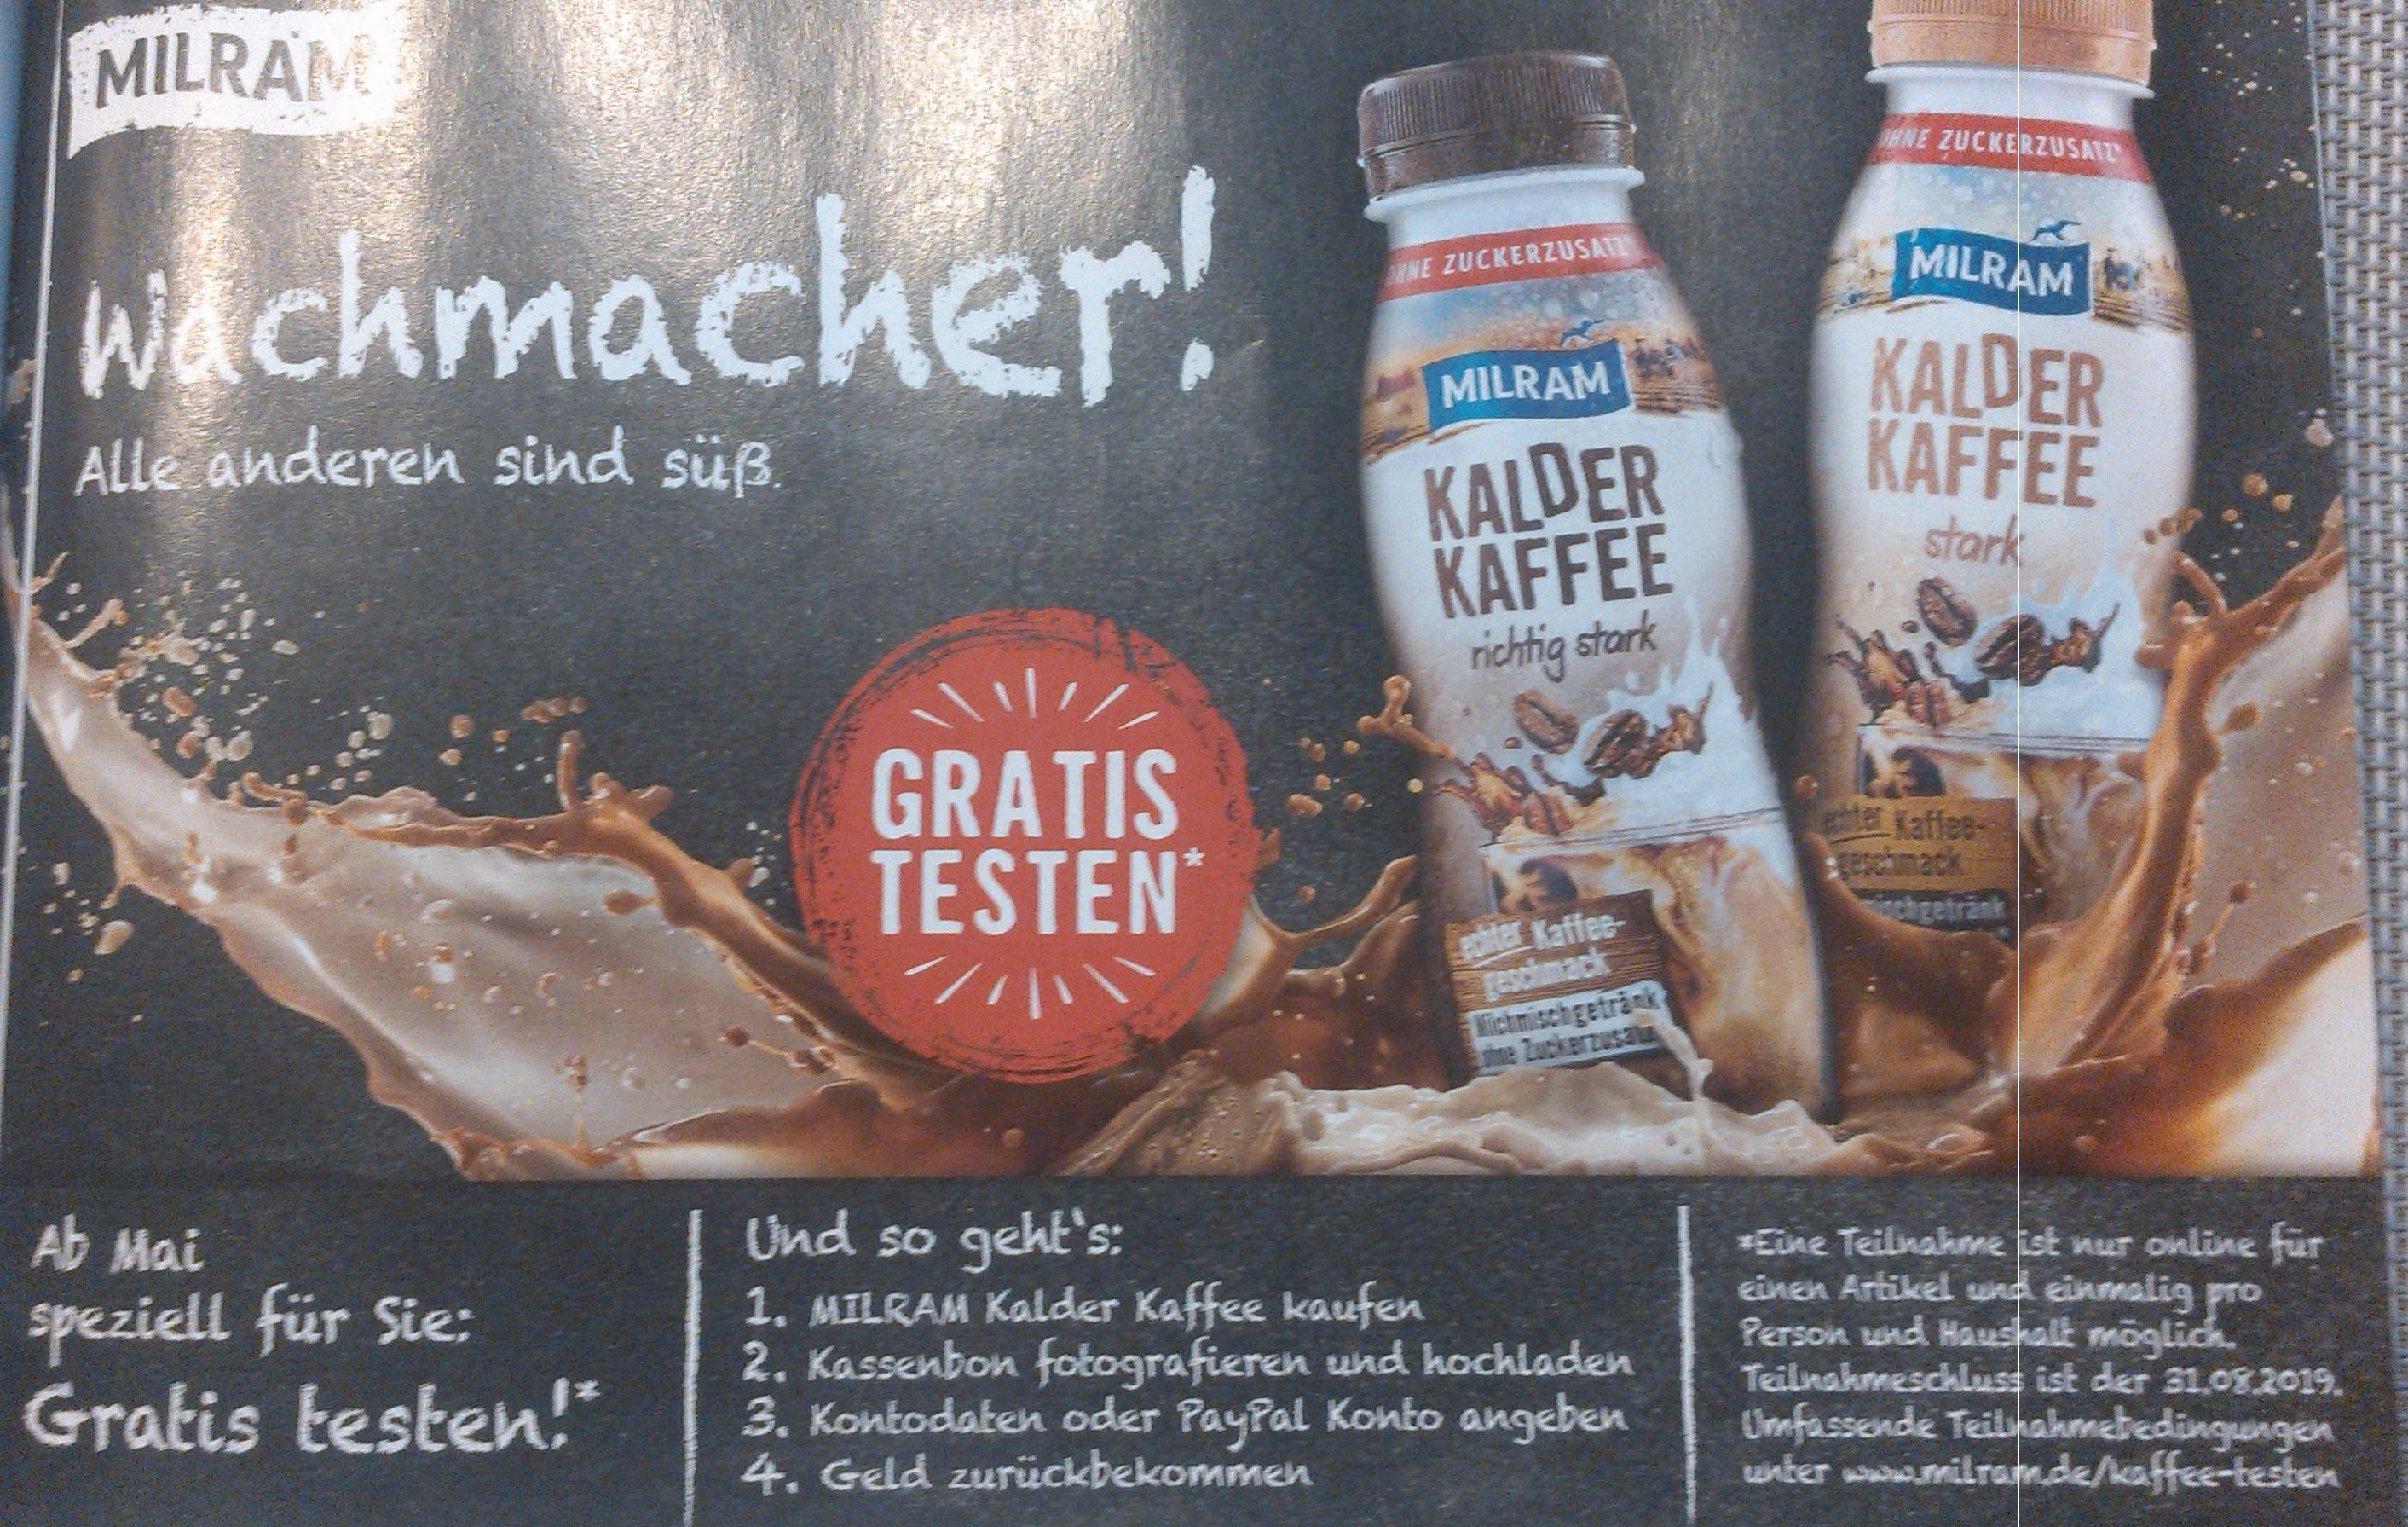 MILRAM Kalder Kaffee gratis testen - GzG